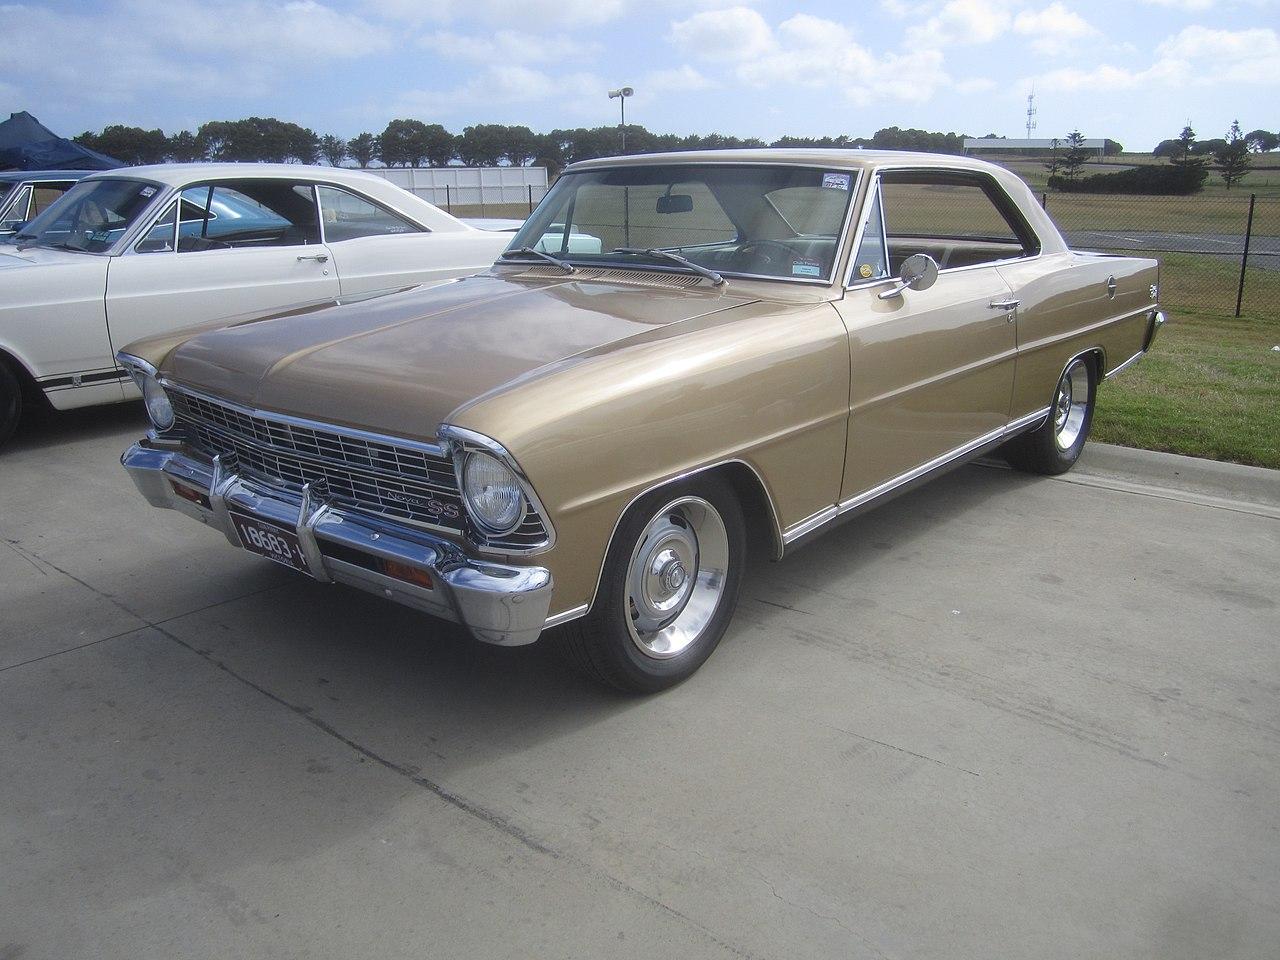 All Chevy black chevy nova ss : File:1967 Chevrolet Nova SS Sports Coupe (8365125327).jpg ...